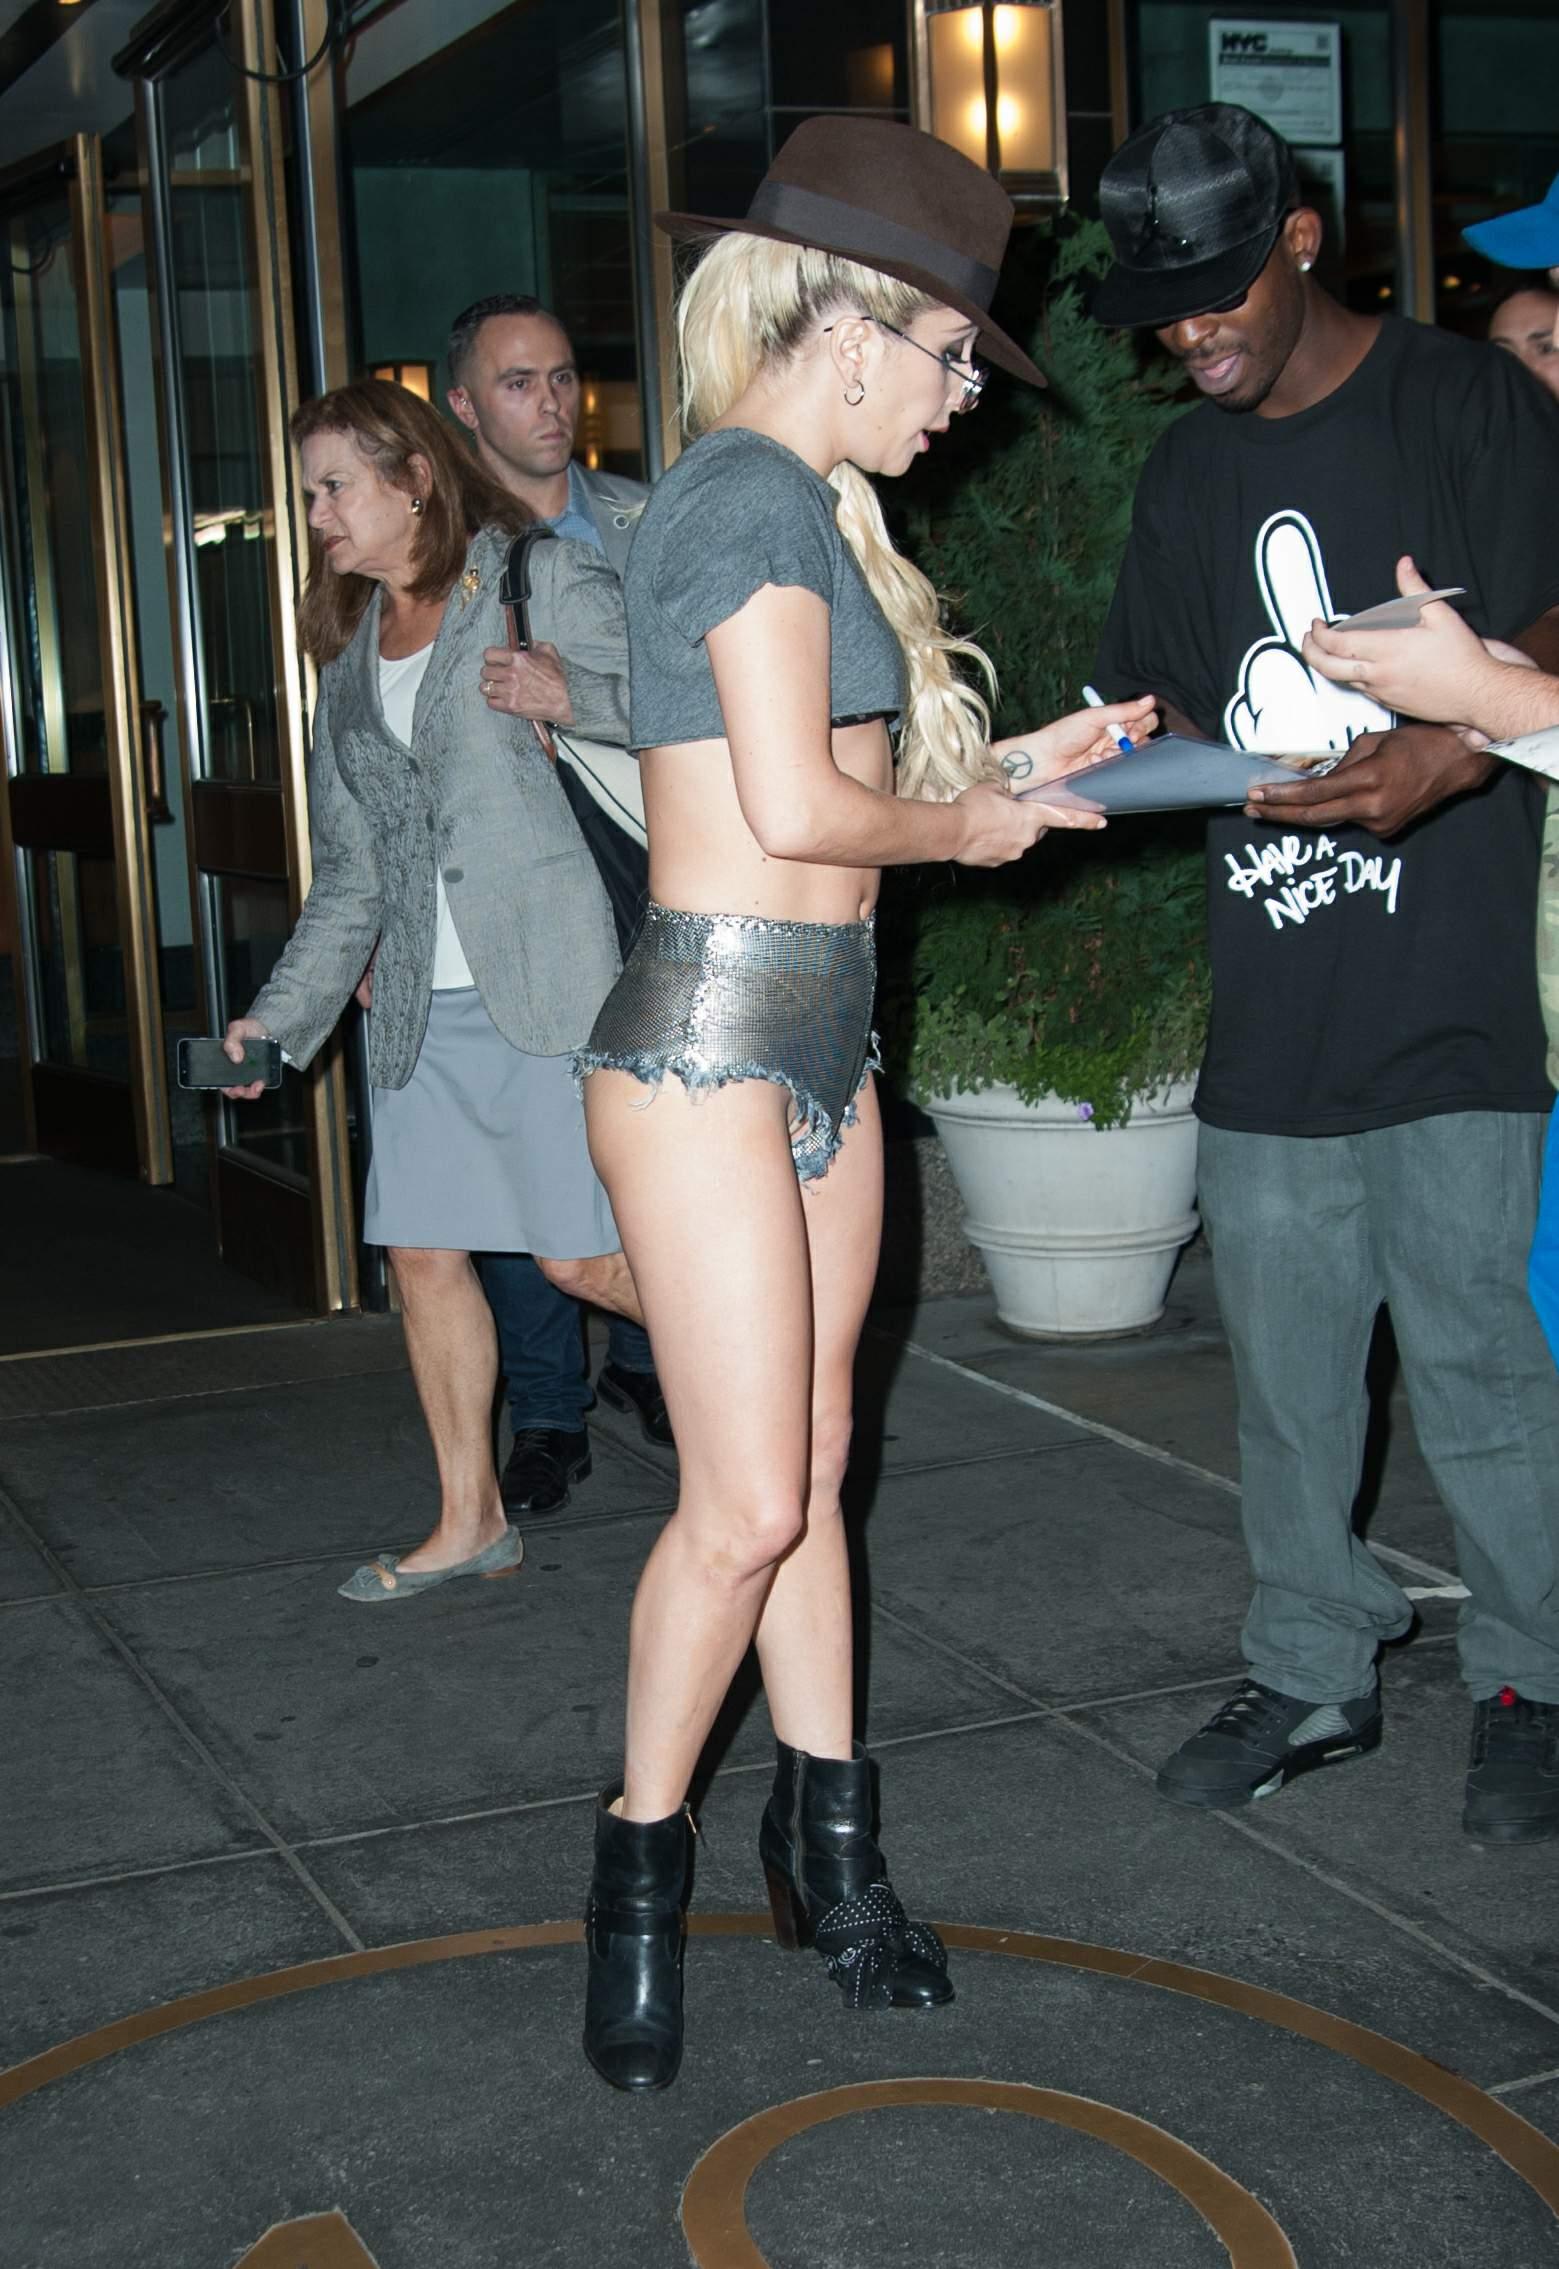 Lady Gaga Upshorts Thefappening.so 19